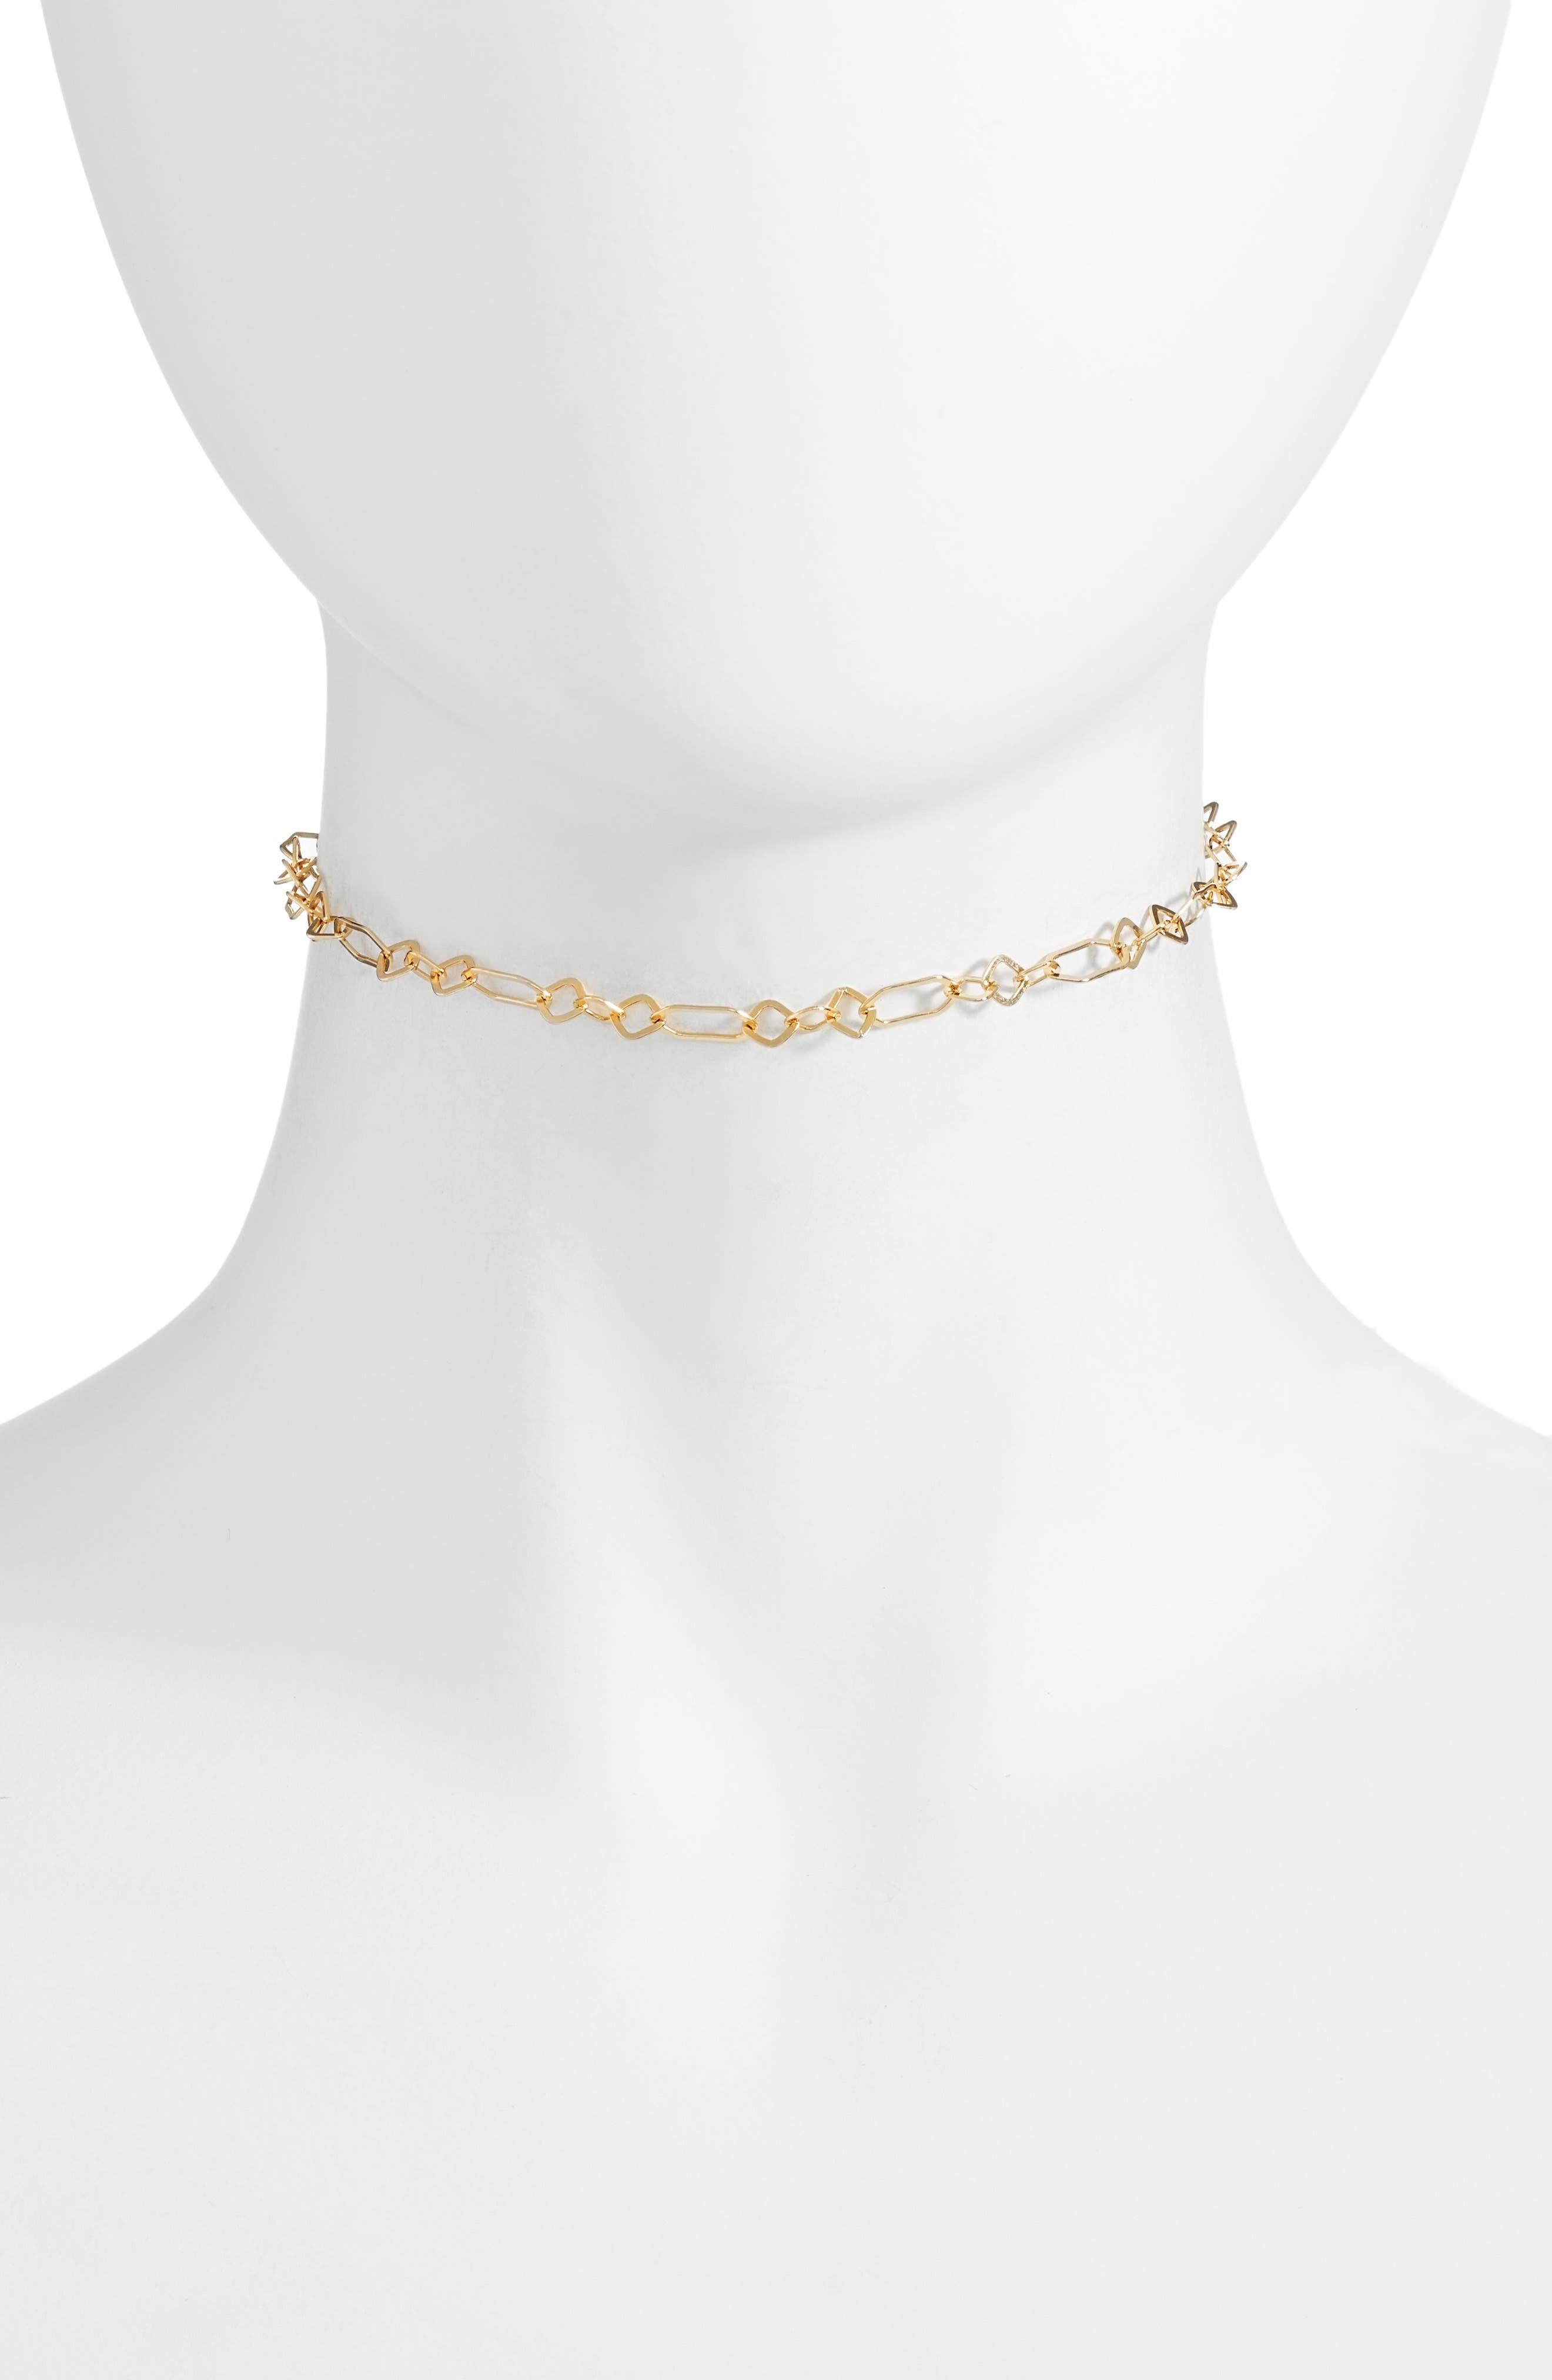 Argento Vivo Oval Link Choker Necklace